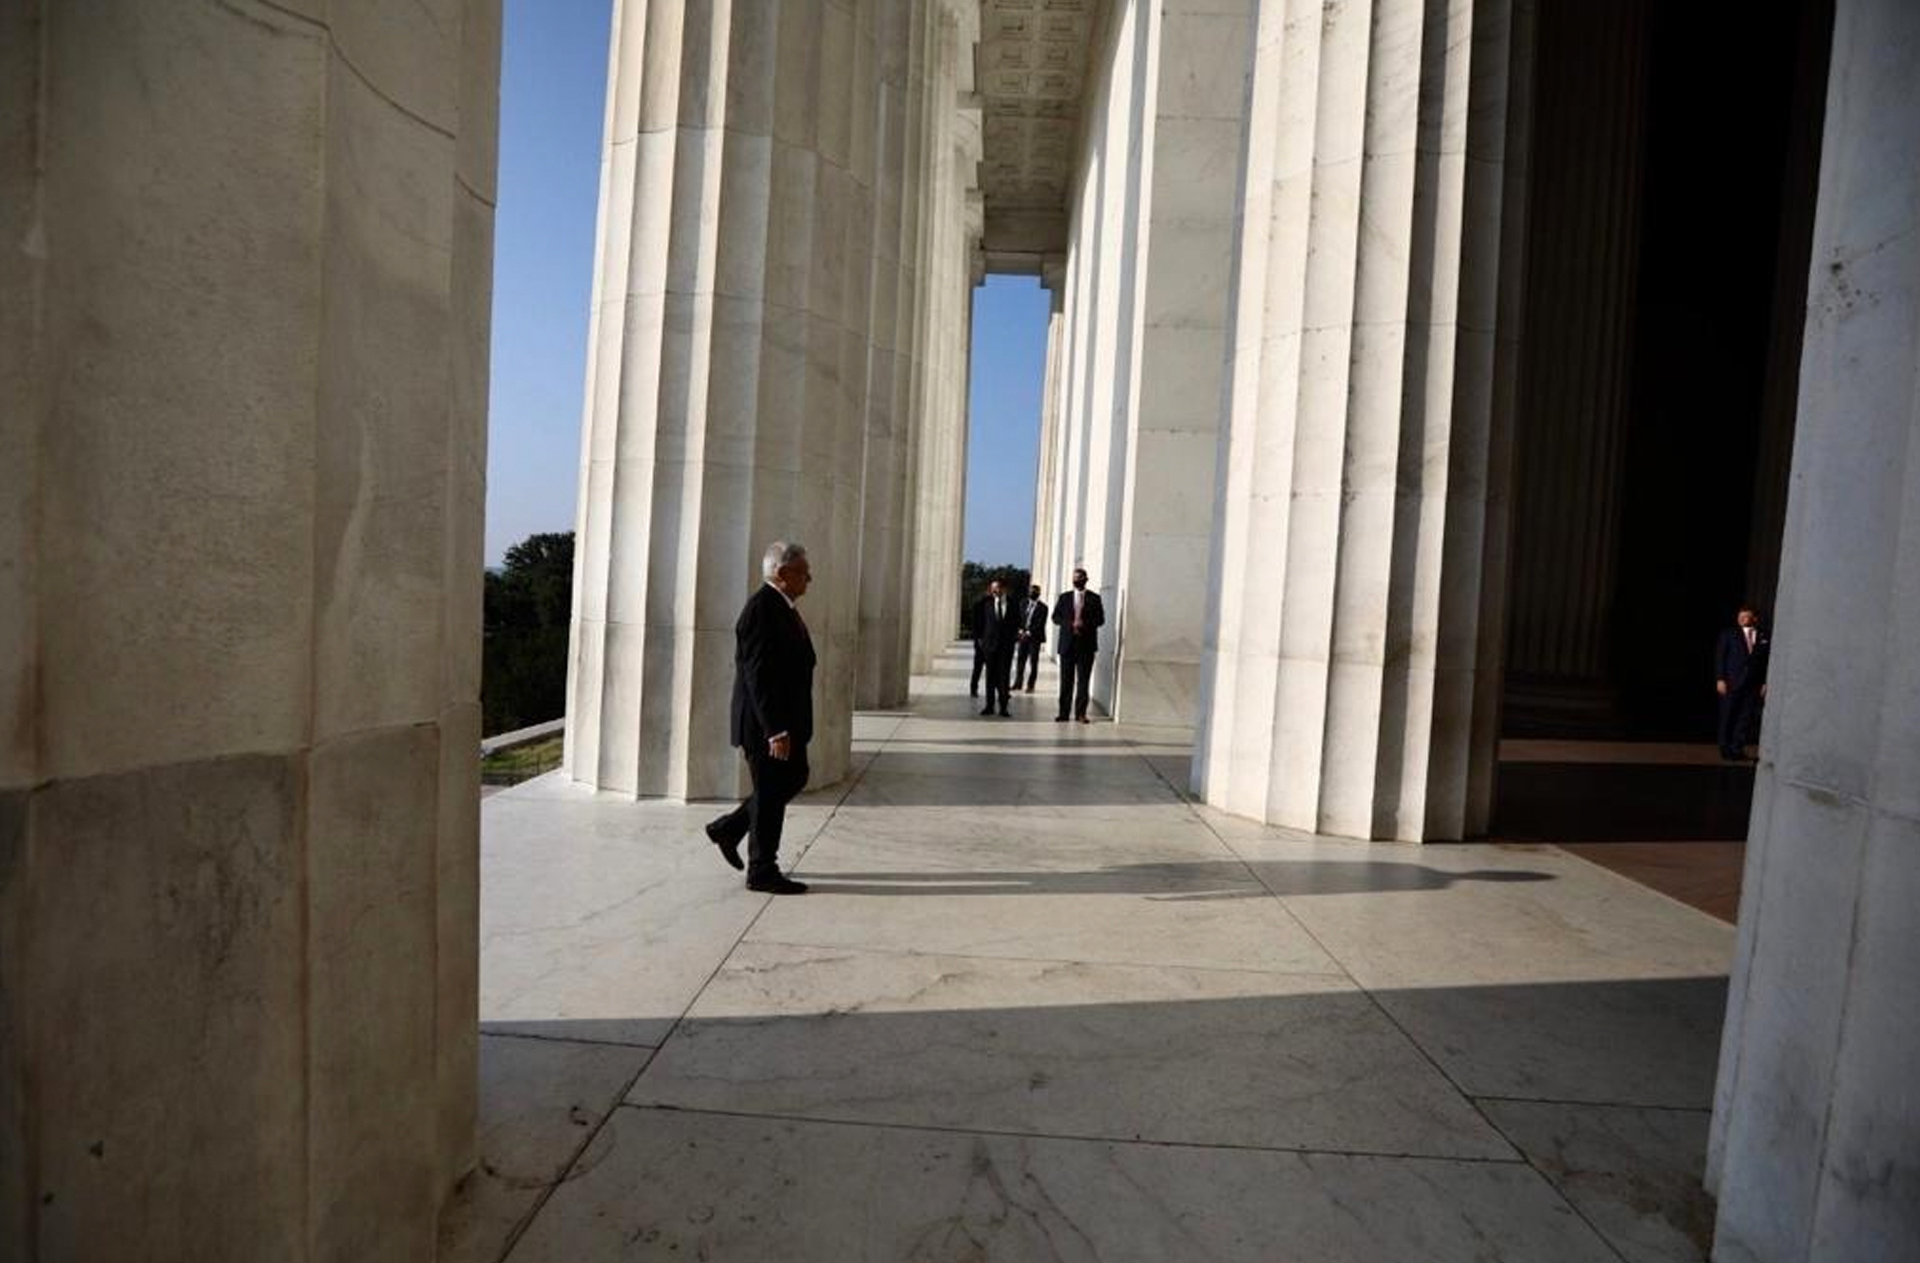 El presidente de México, Andrés Manuel López Obrador, visita el monumento de Abraham Lincoln, en Washington D.C, EE.UU. (Foto: Cortesía Presidencia de México)